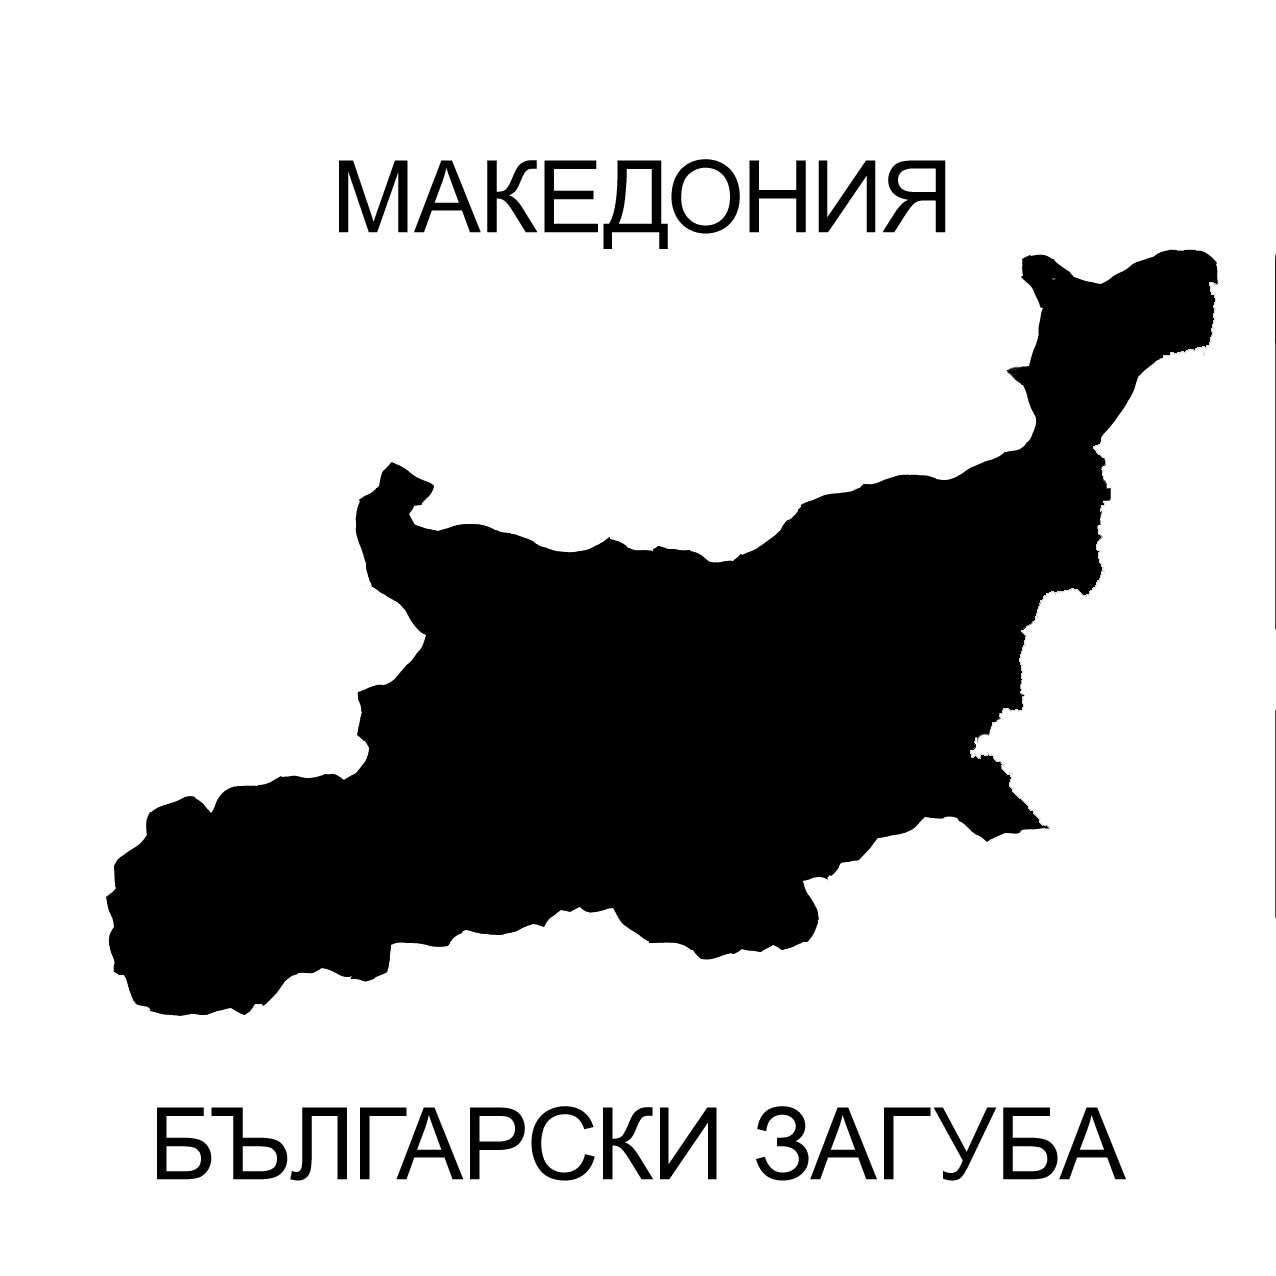 MAKEDONIYA.jpg